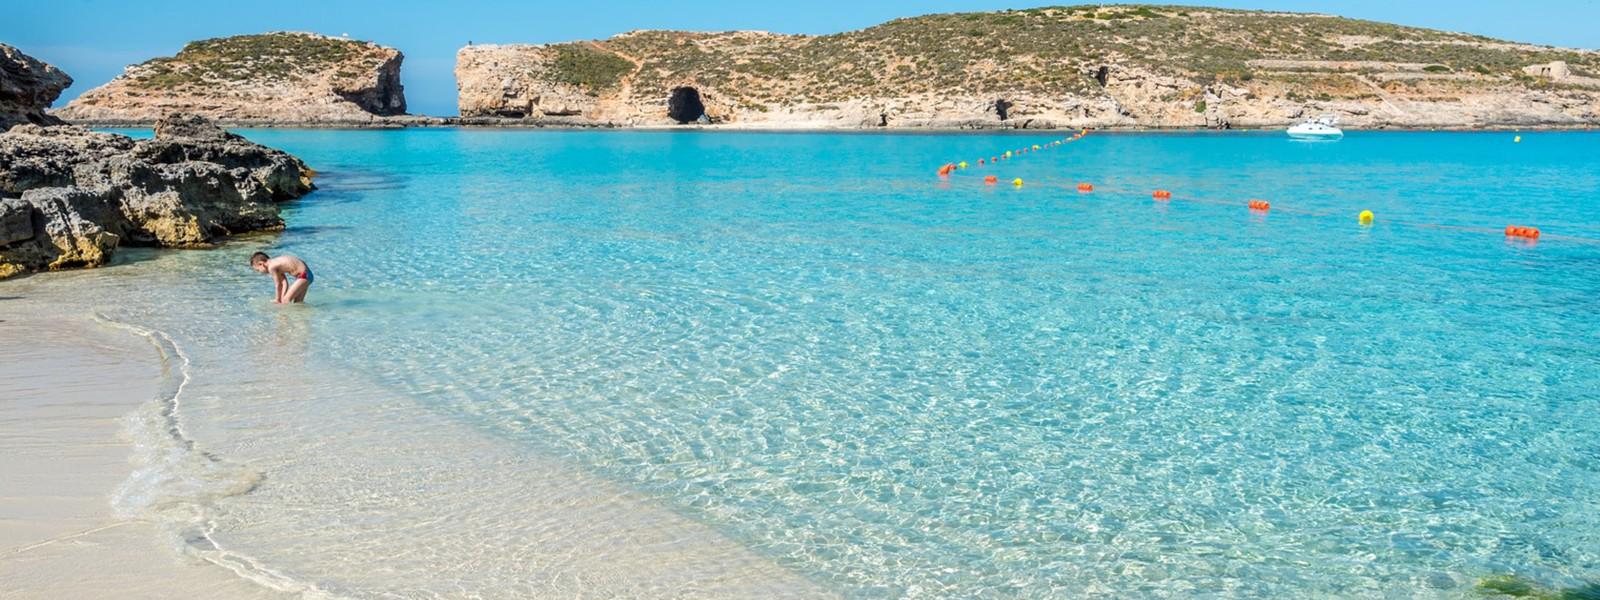 Le 11 spiagge Bandiera Blu di Malta da non perdere